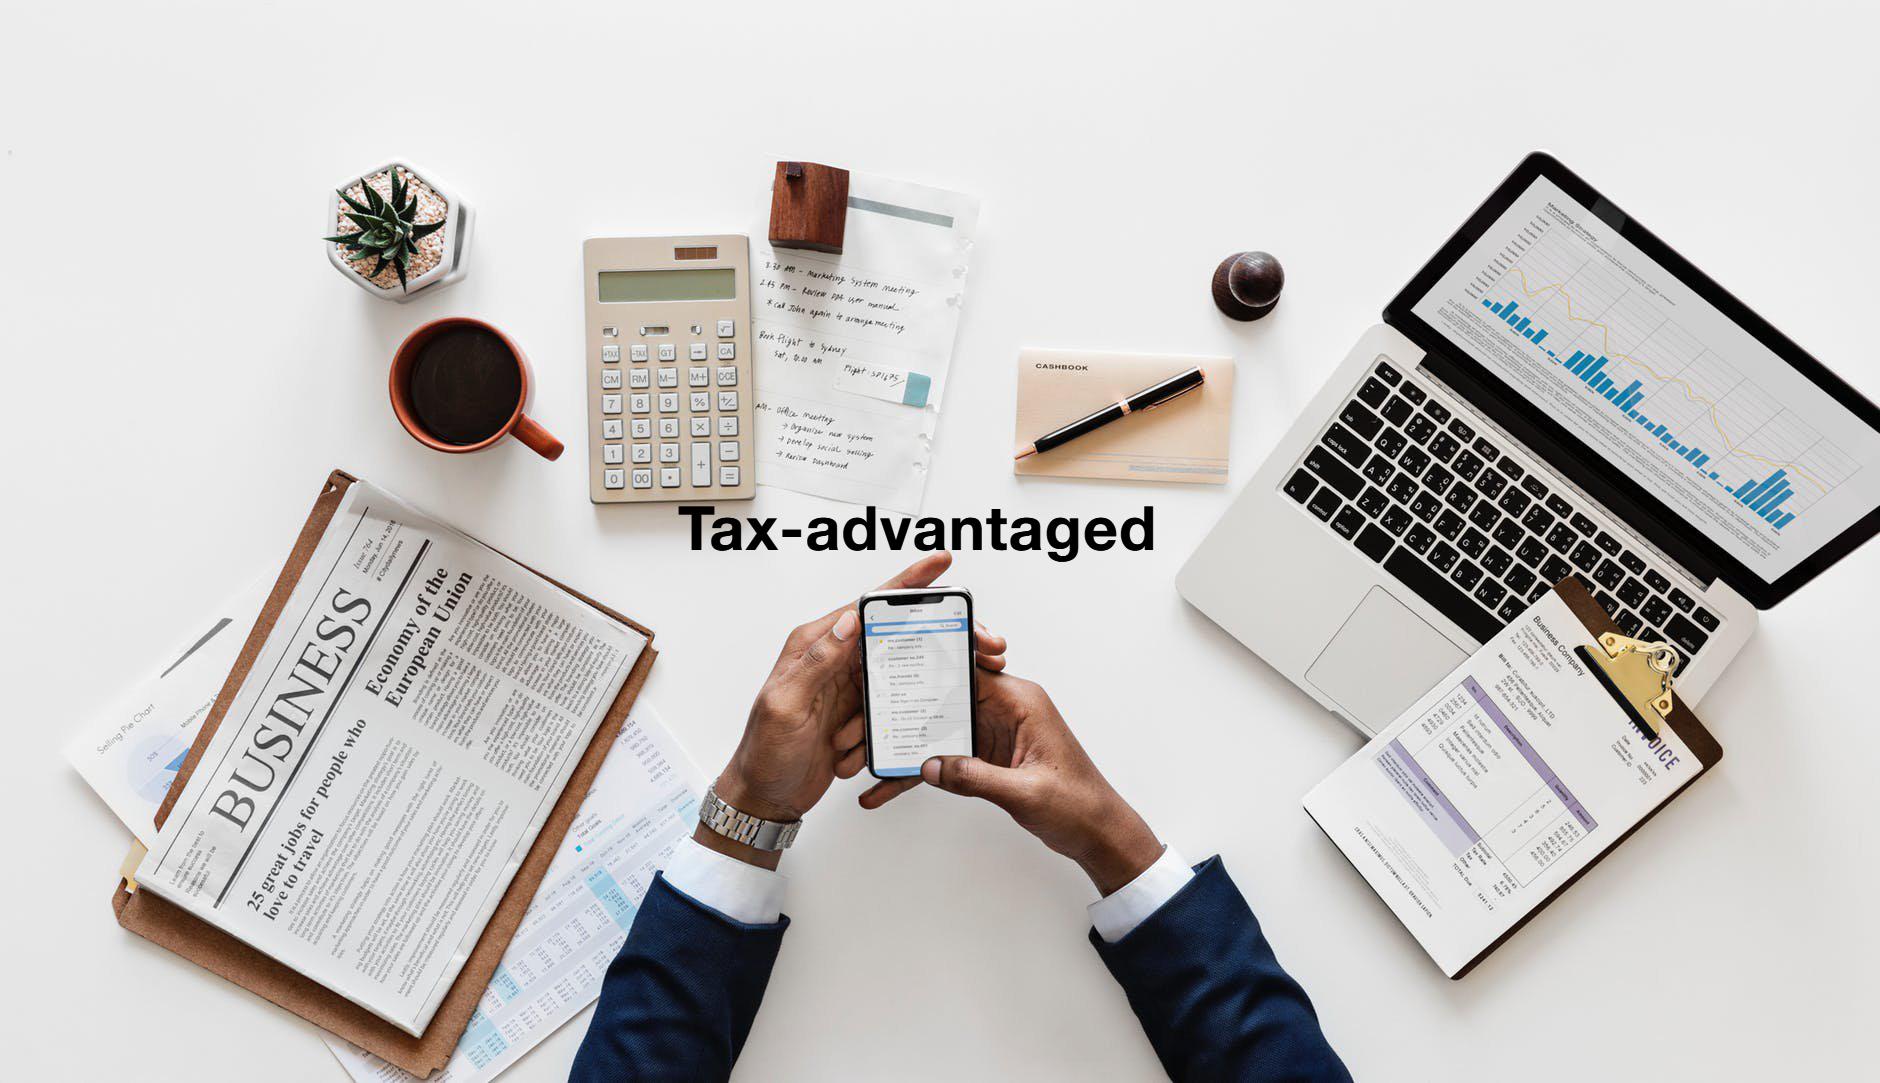 Ưu đãi thuế (Tax-advantaged) là gì? Các khoản đầu tư được ưu đãi thuế - Ảnh 1.